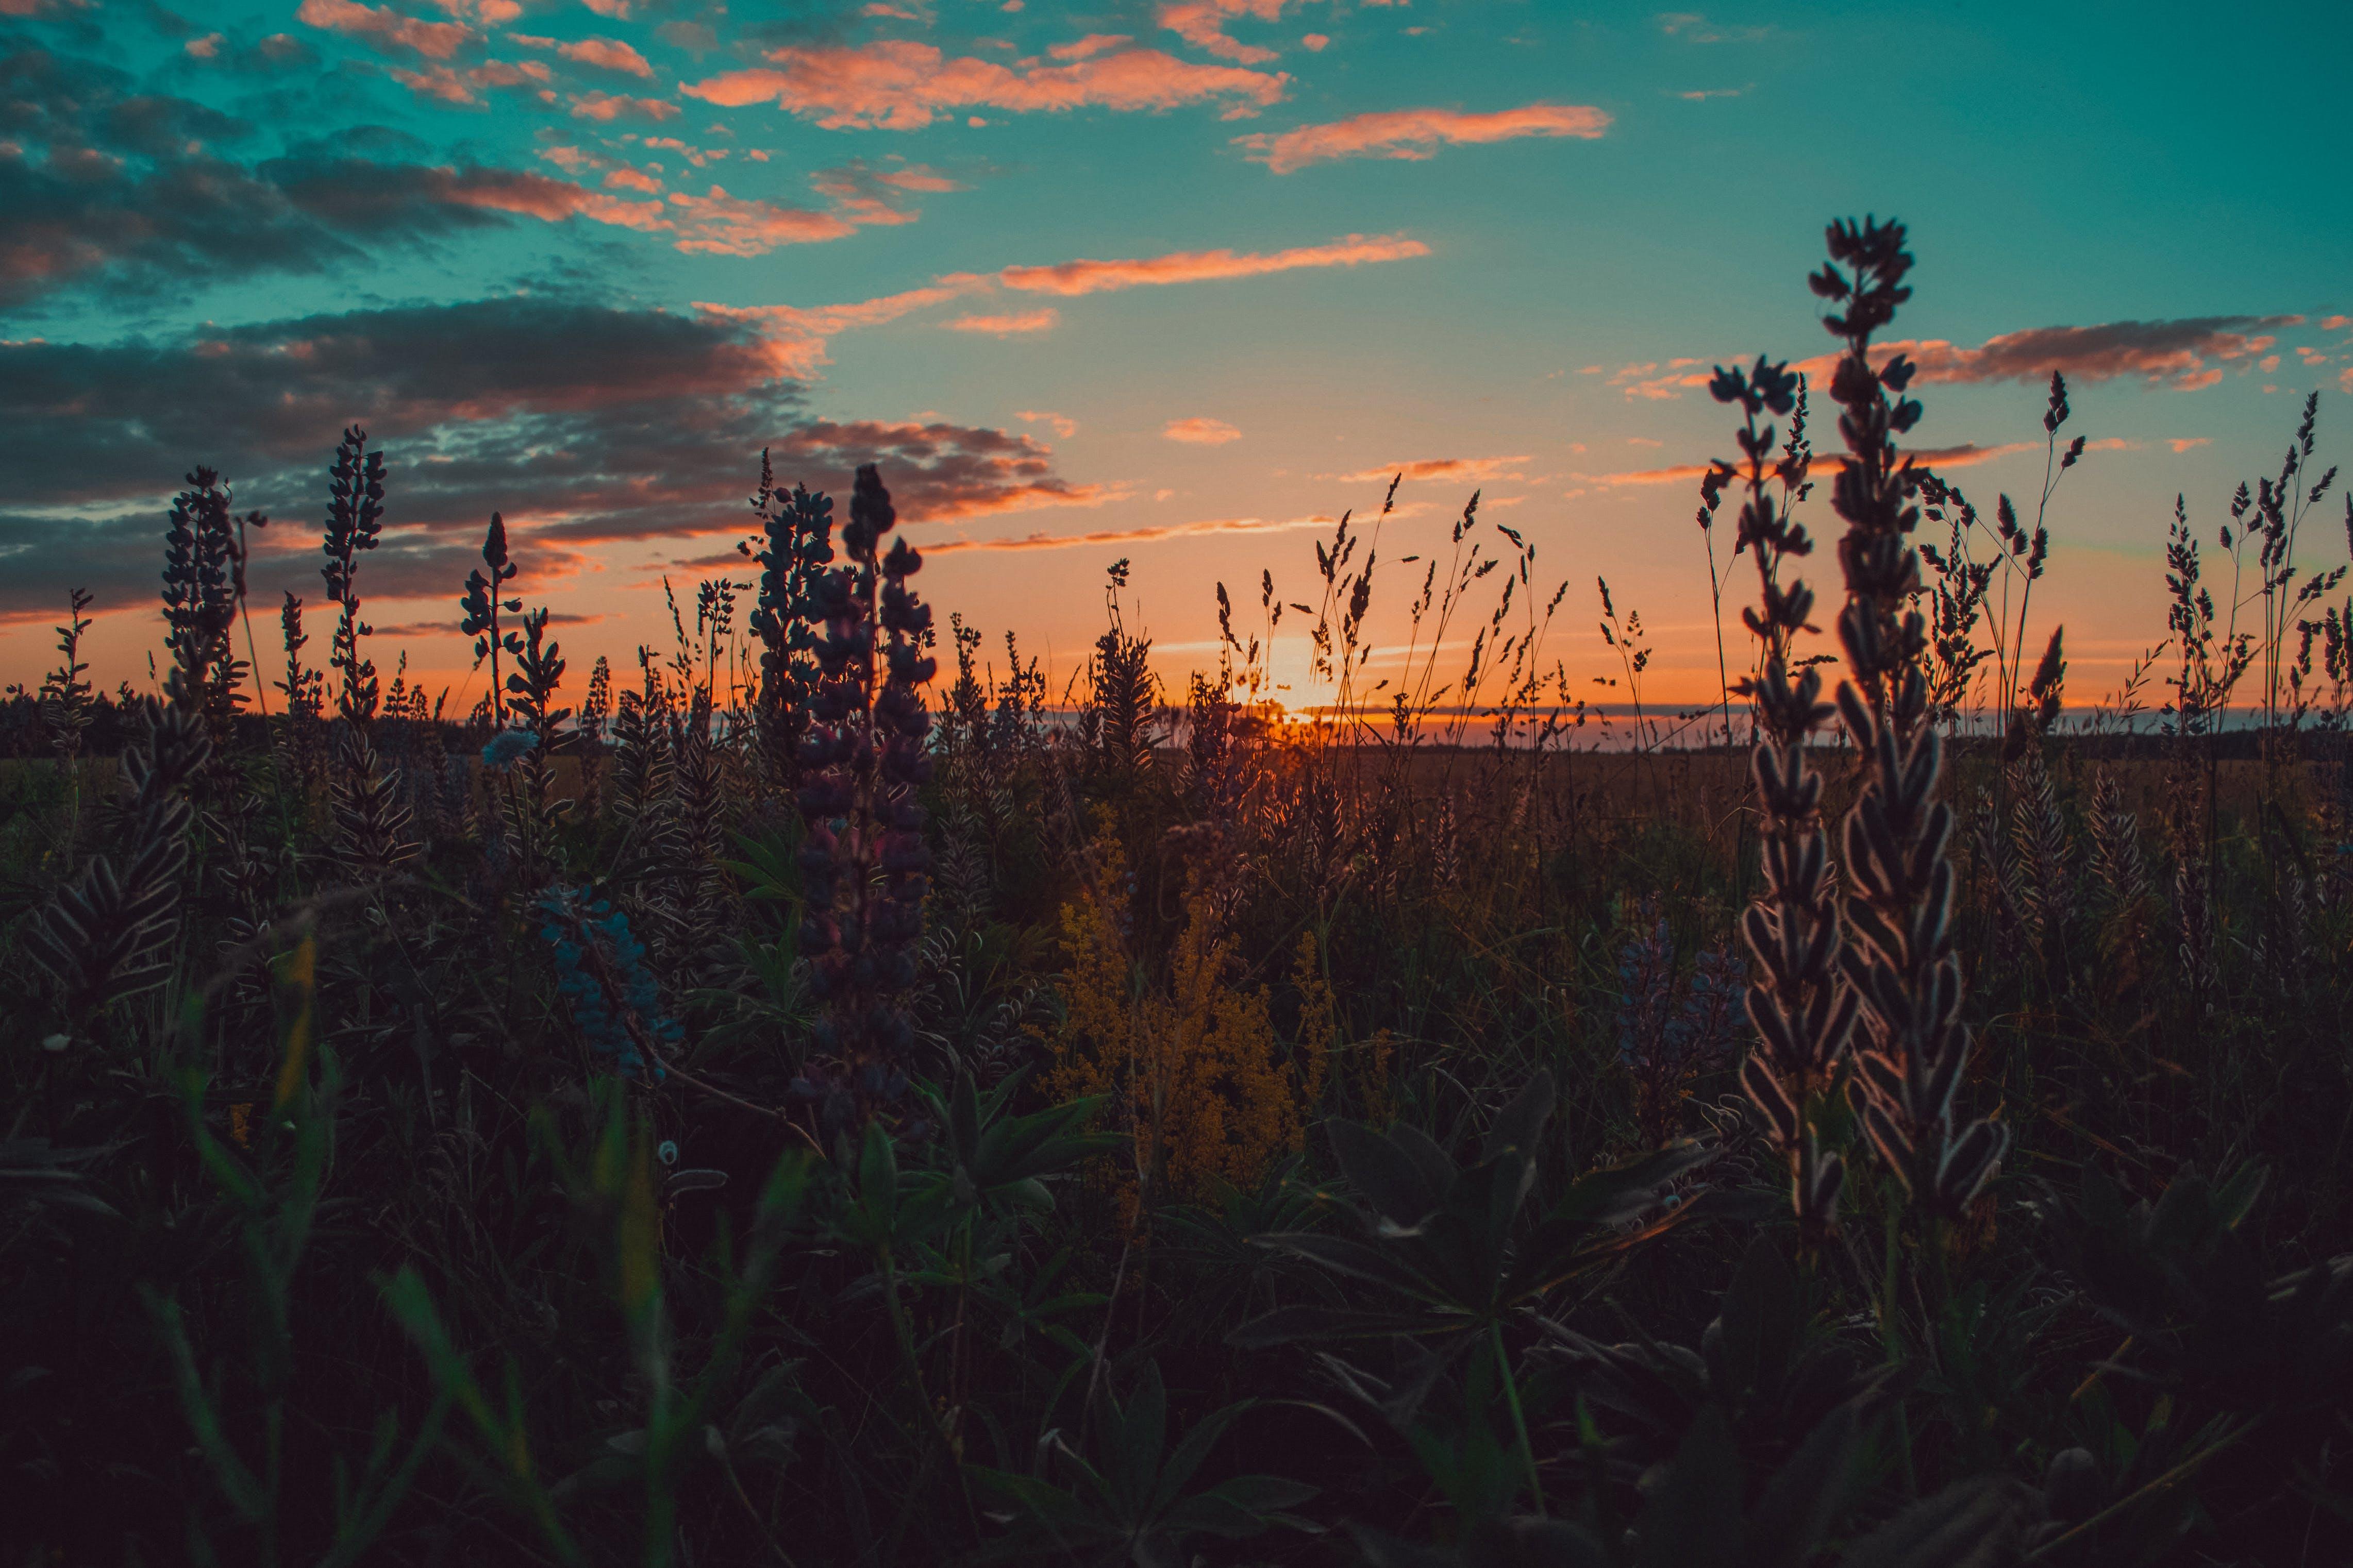 aften, bane, blomster